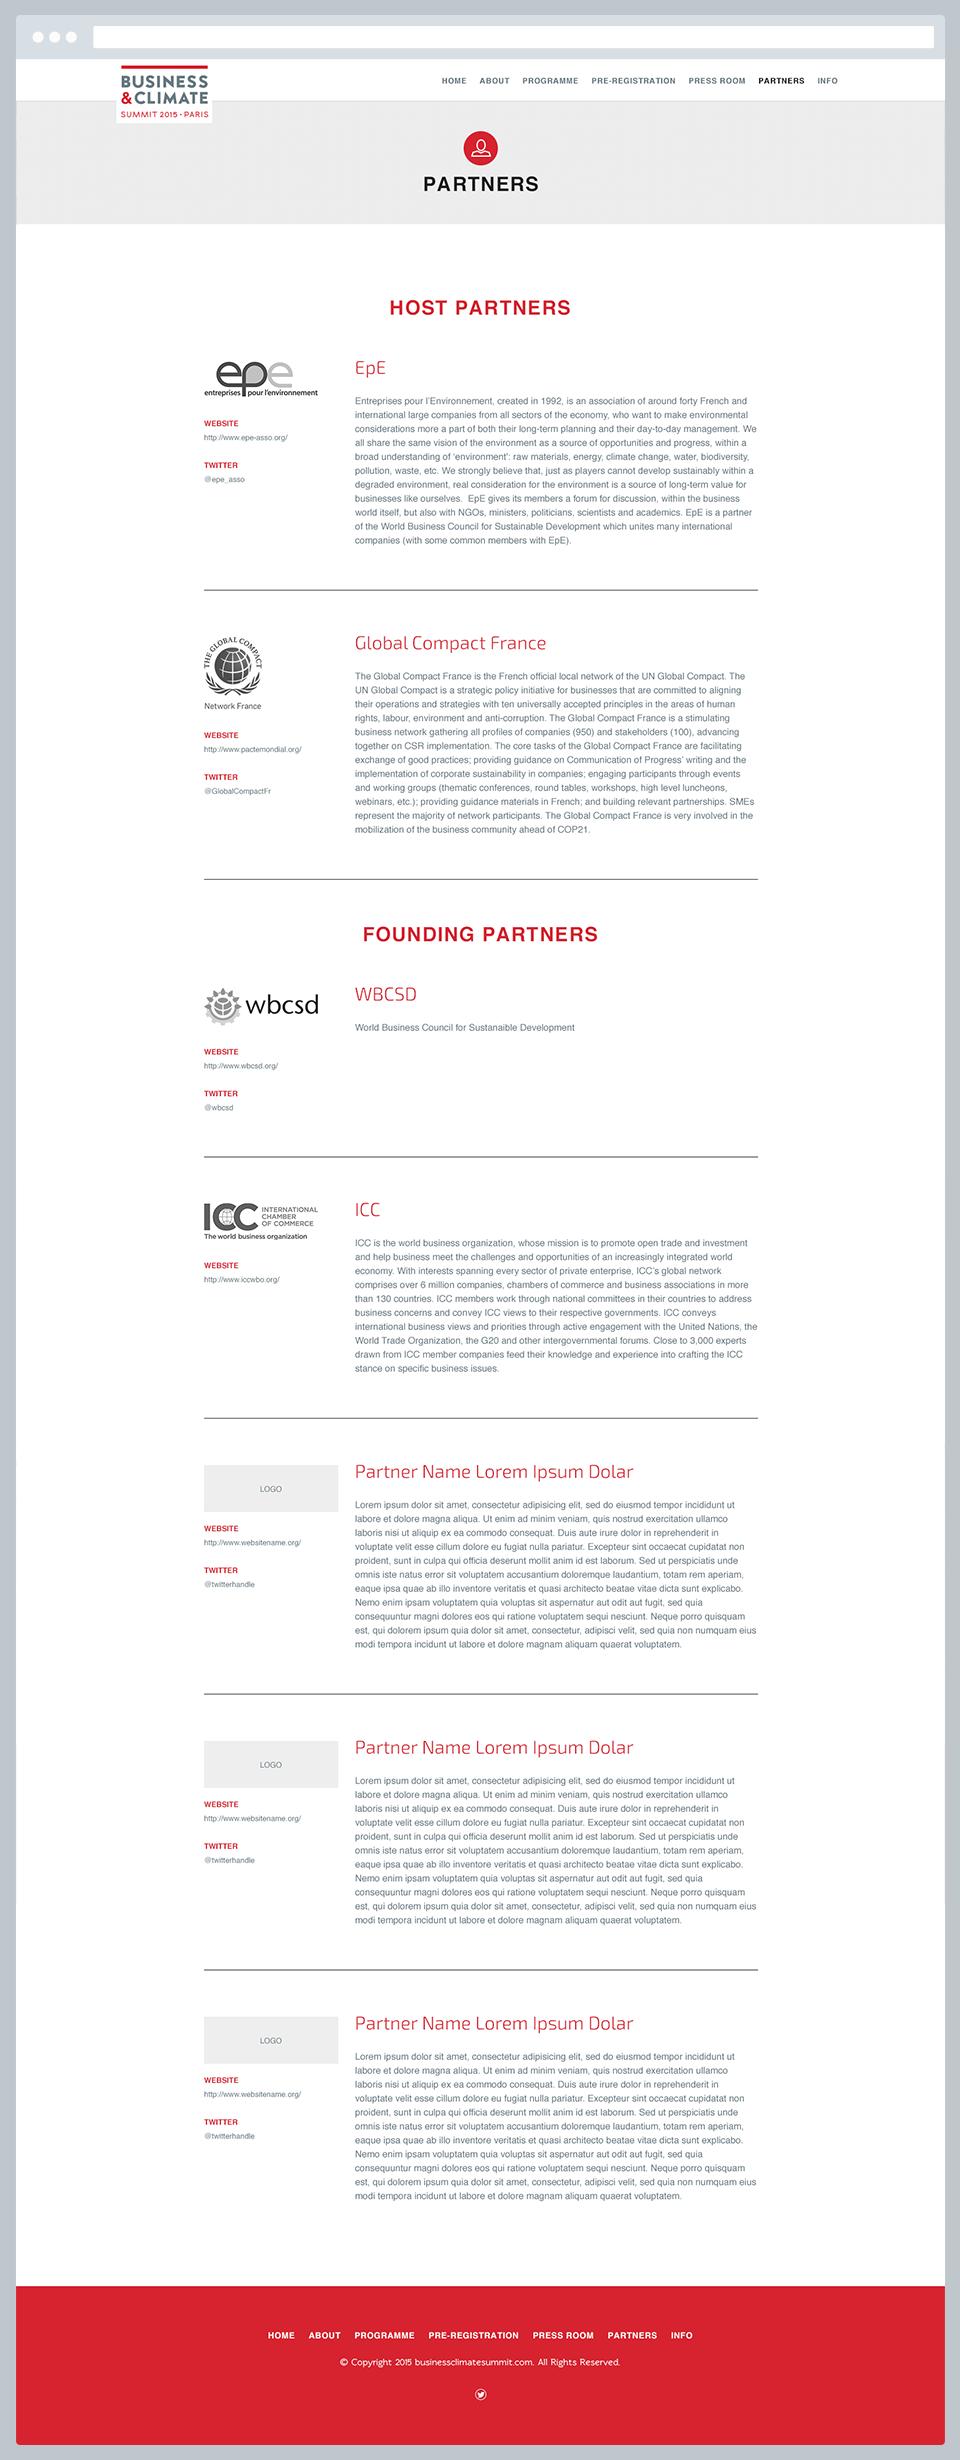 JR_BCS_WebsiteMockup_Partners.png